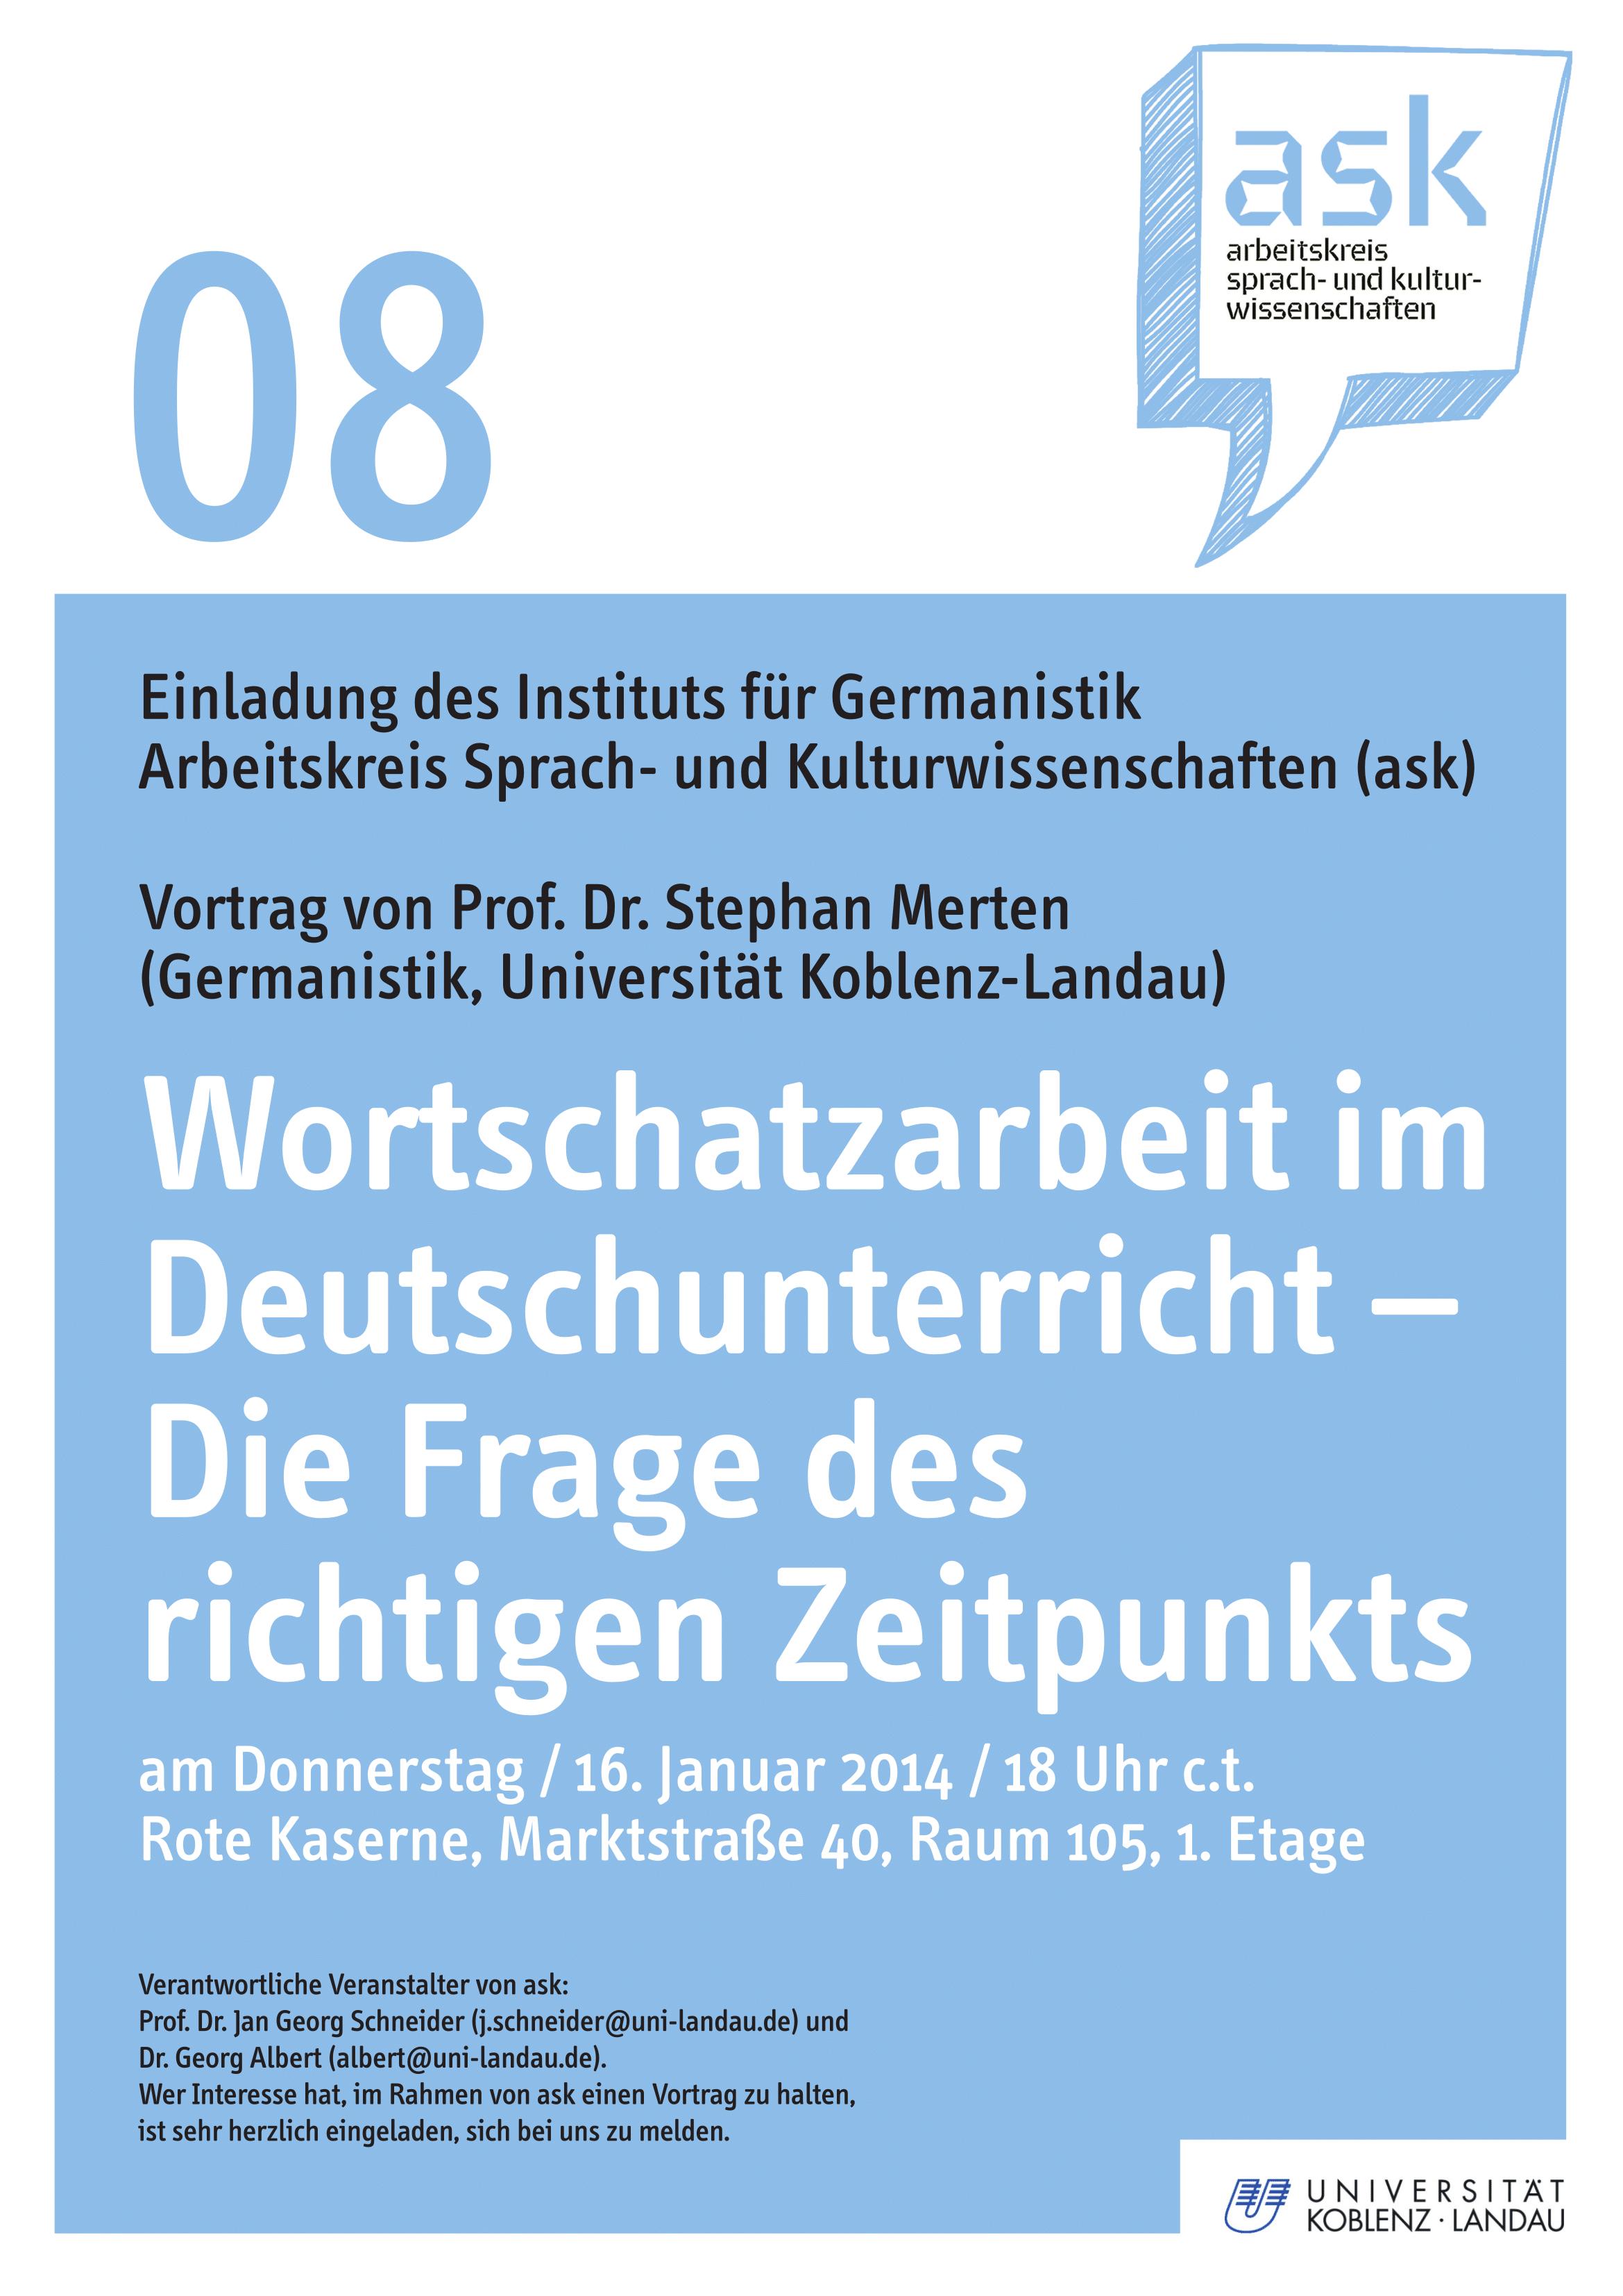 Ask-Vortrag: Prof. Dr. Stephan Merten: Wortschatzarbeit im Deutschunterricht – Die Frage des richtigen Zeitpunkts